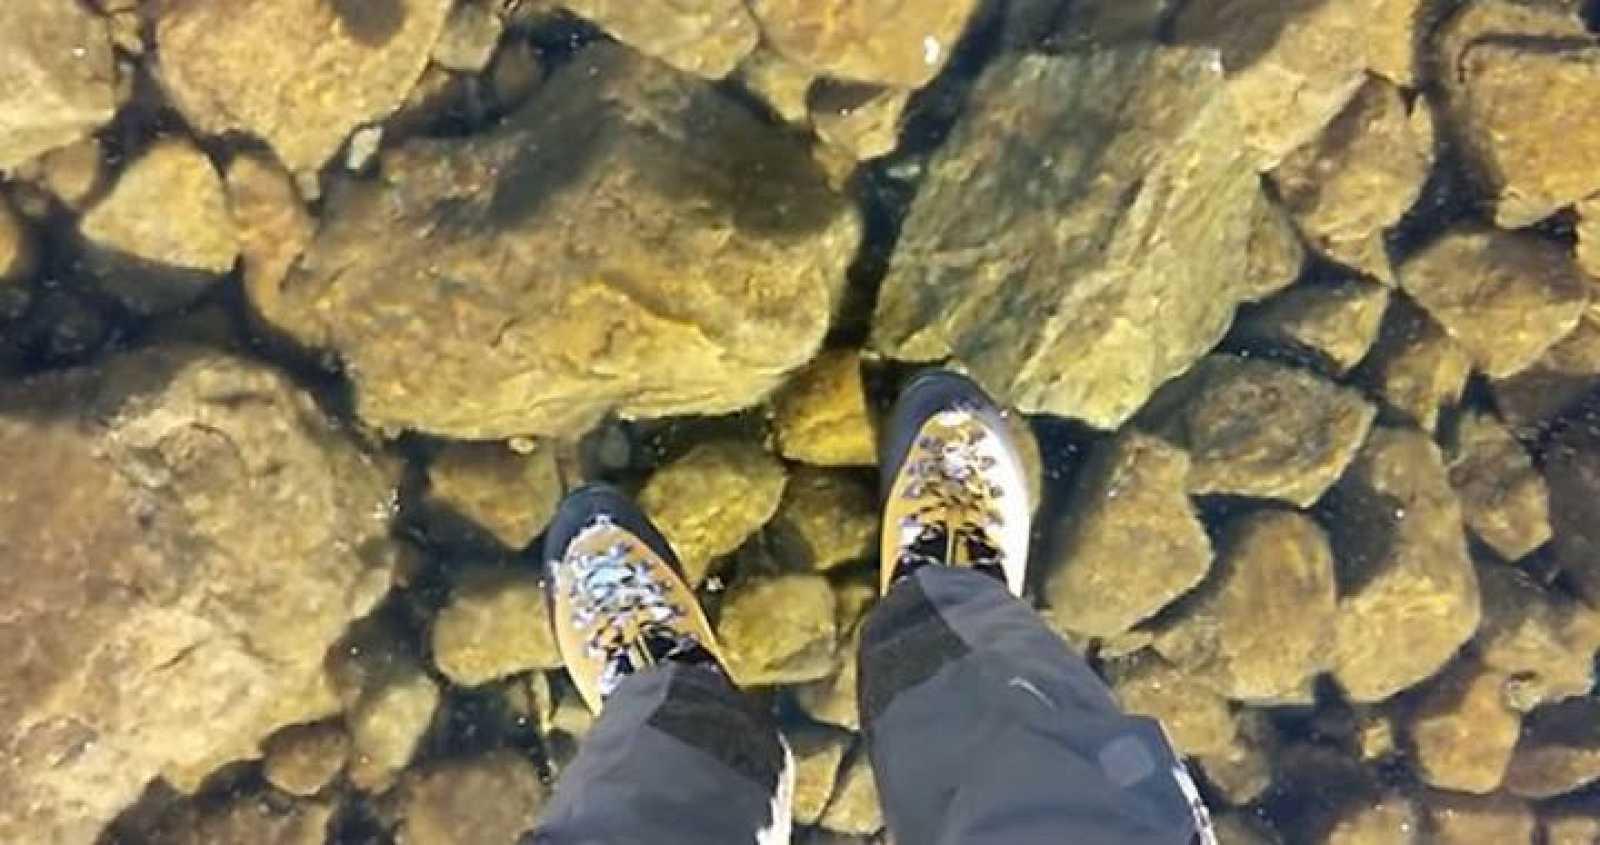 Pantallazo del vídeo grabado en el Velke Hincovo Pleso, un lago de origen glacial de unos escasos 54 metros de profundidad en Eslovaquia.